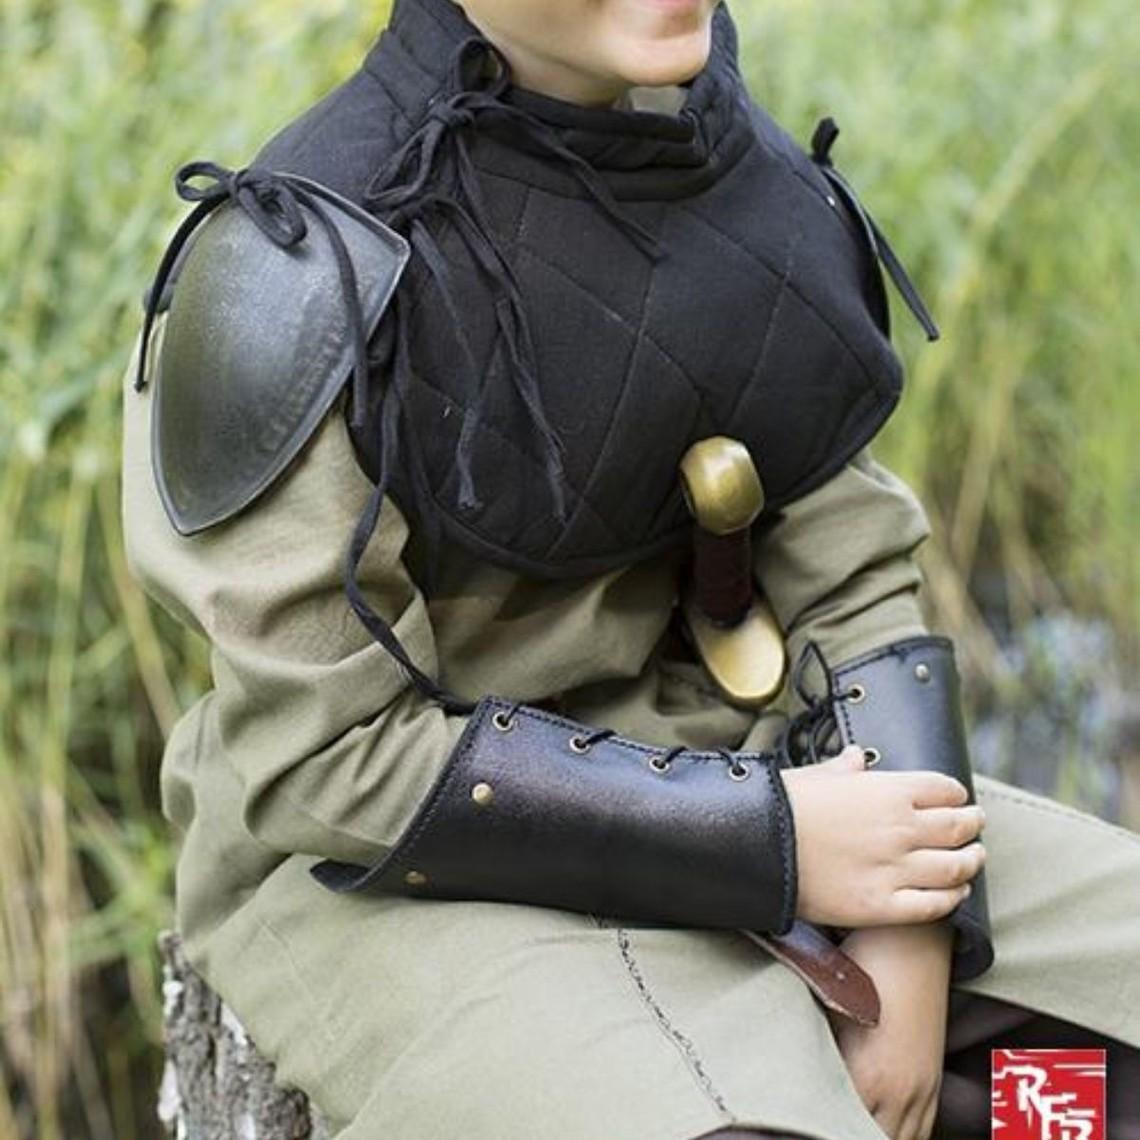 Epic Armoury RFB Kołnierz wyściełany z koturnami, czarny